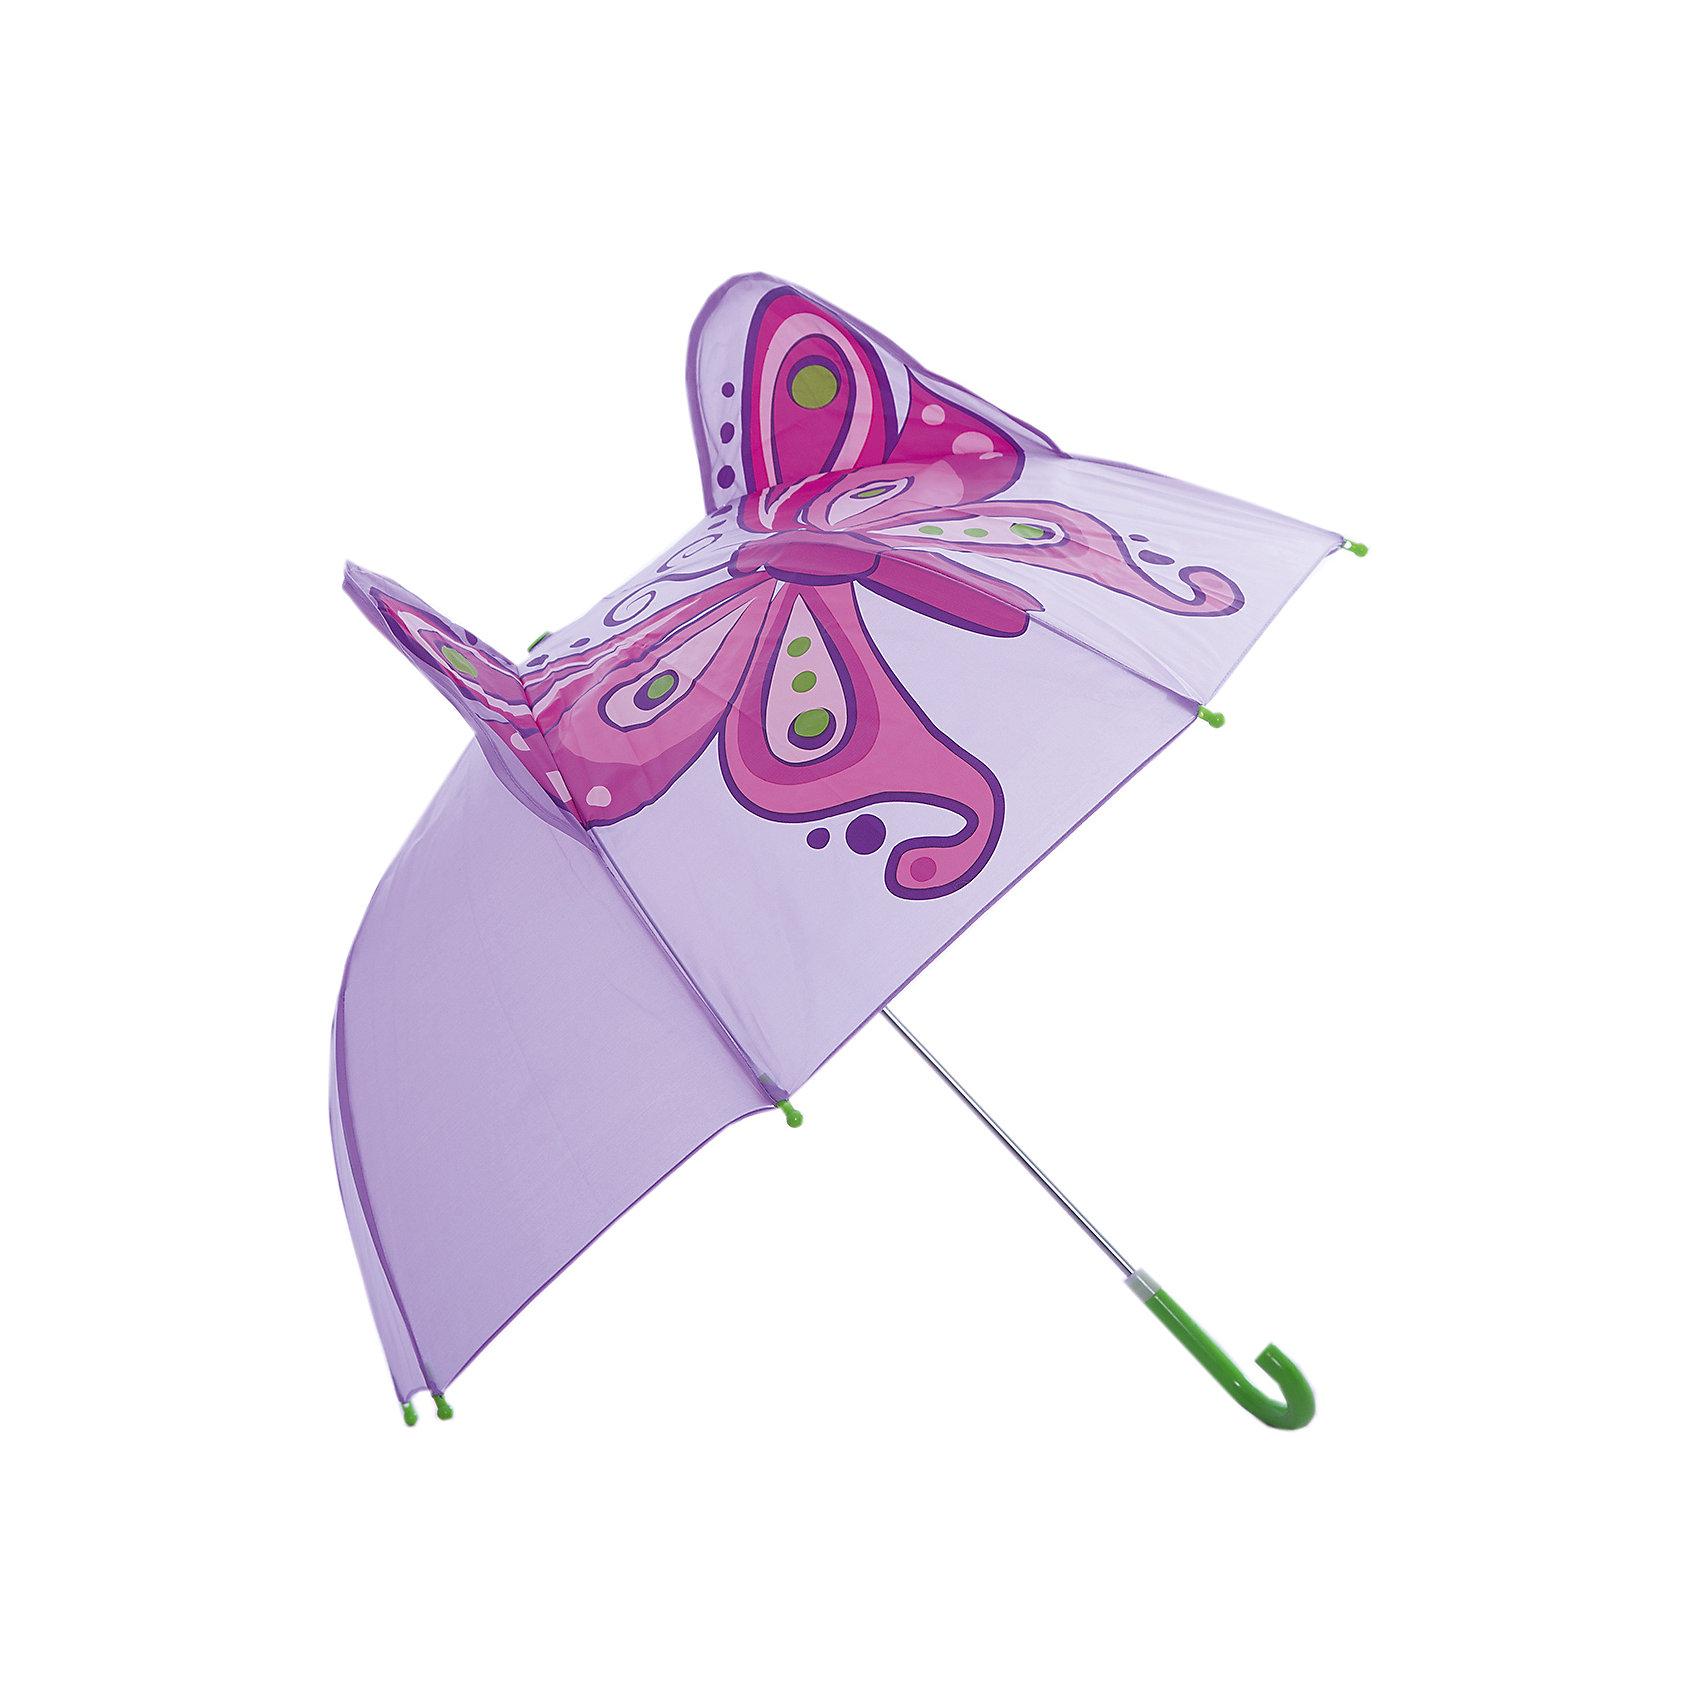 Зонт детский Бабочка, 46 см.Зонты детские<br>Яркий и удобный зонтик для малышей Бабочка. Радиус: 46 см. Длина ручки: 57 см.<br><br>Ширина мм: 580<br>Глубина мм: 40<br>Высота мм: 400<br>Вес г: 250<br>Возраст от месяцев: 36<br>Возраст до месяцев: 2147483647<br>Пол: Женский<br>Возраст: Детский<br>SKU: 5508502